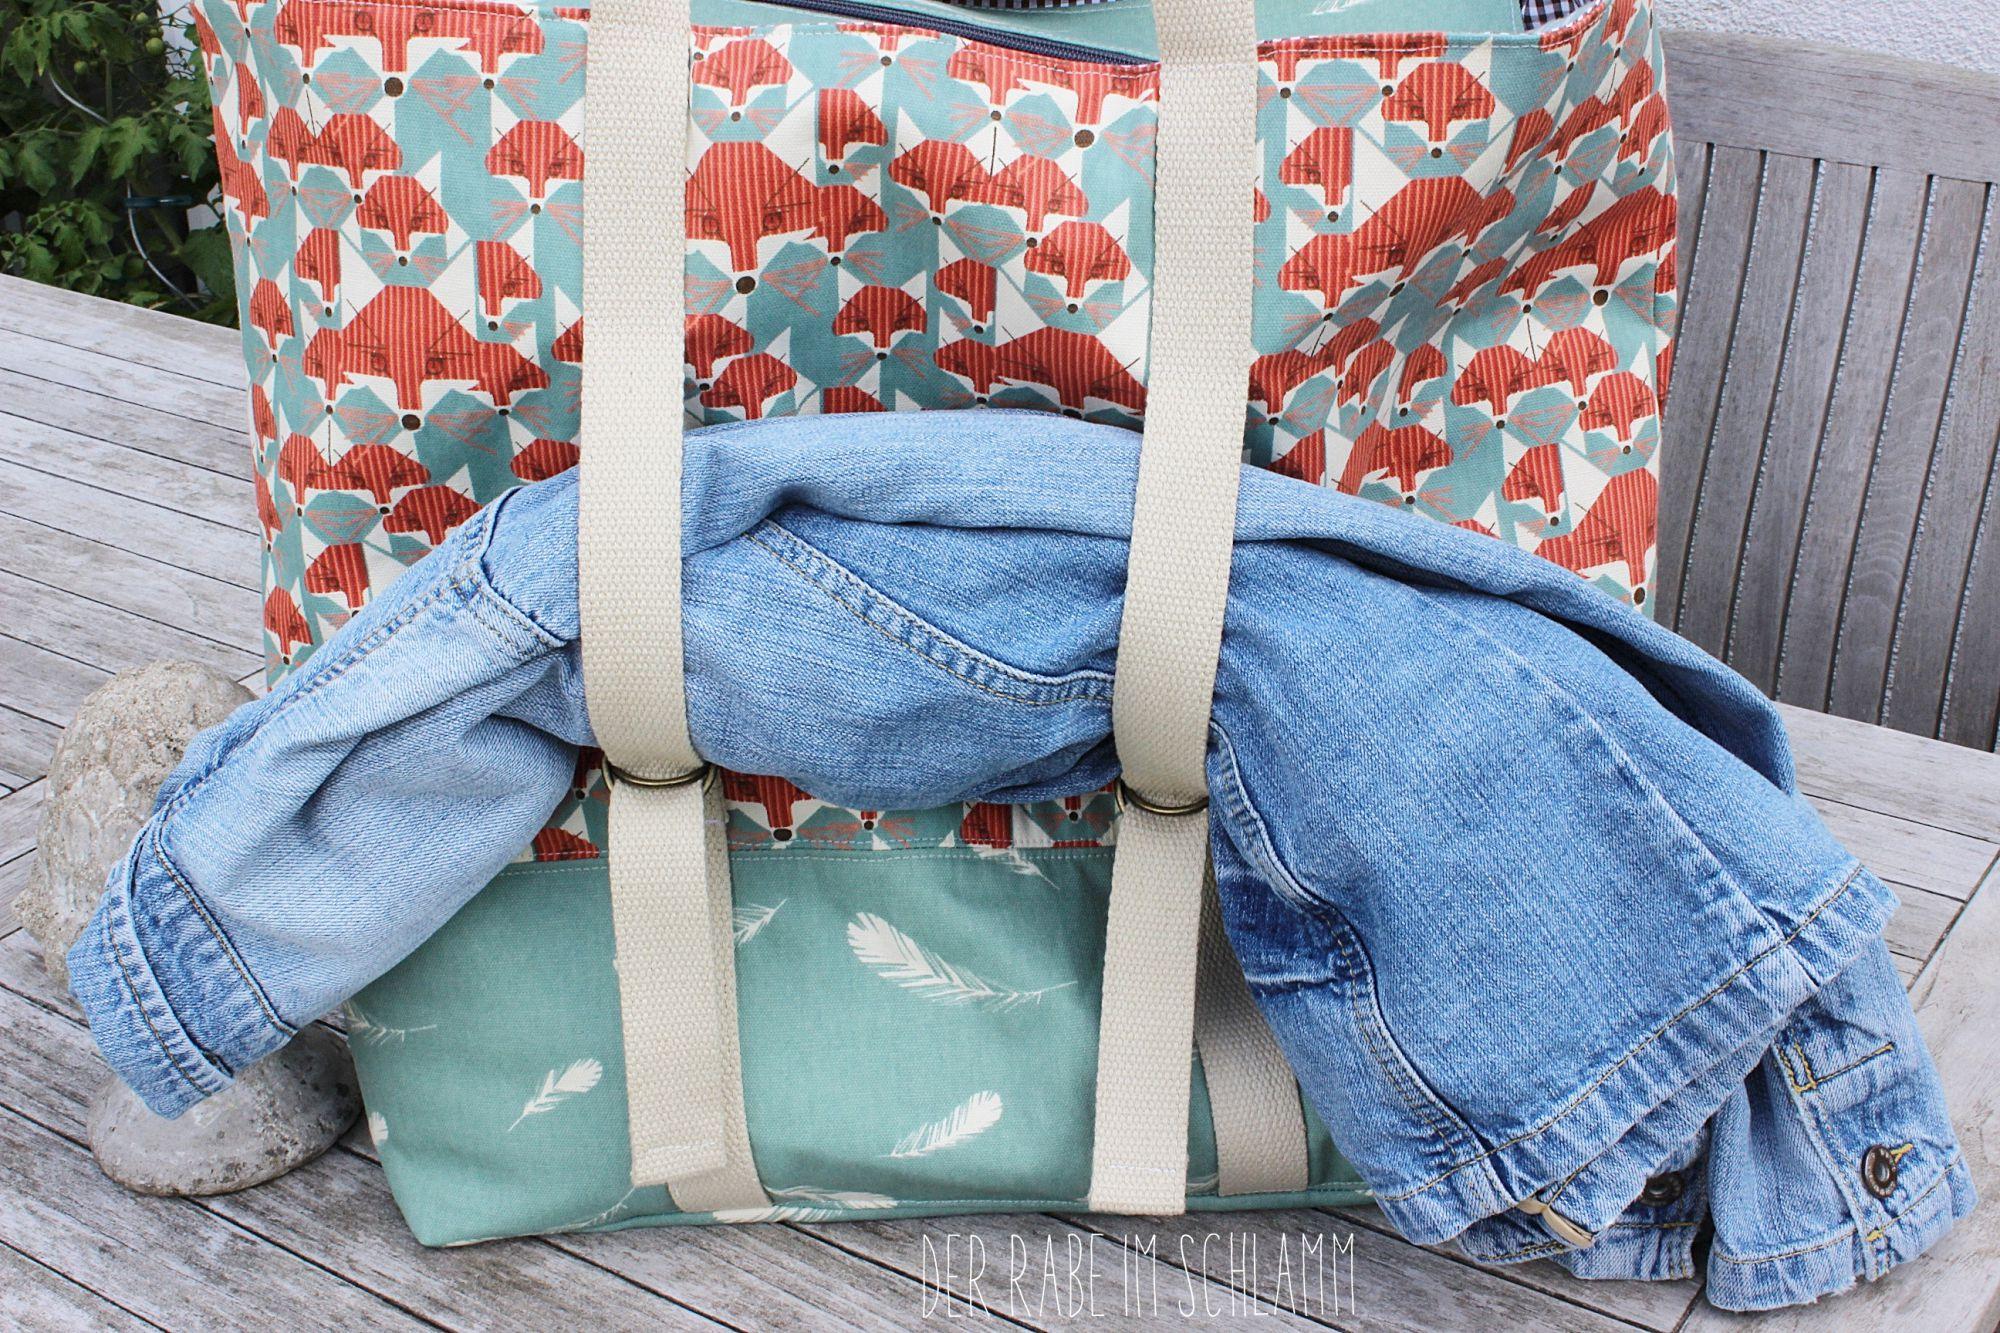 Allroundtasche Svea, Strandtasche, Shopper,  Der Rabe im Schlamm, Nähen, Taschen